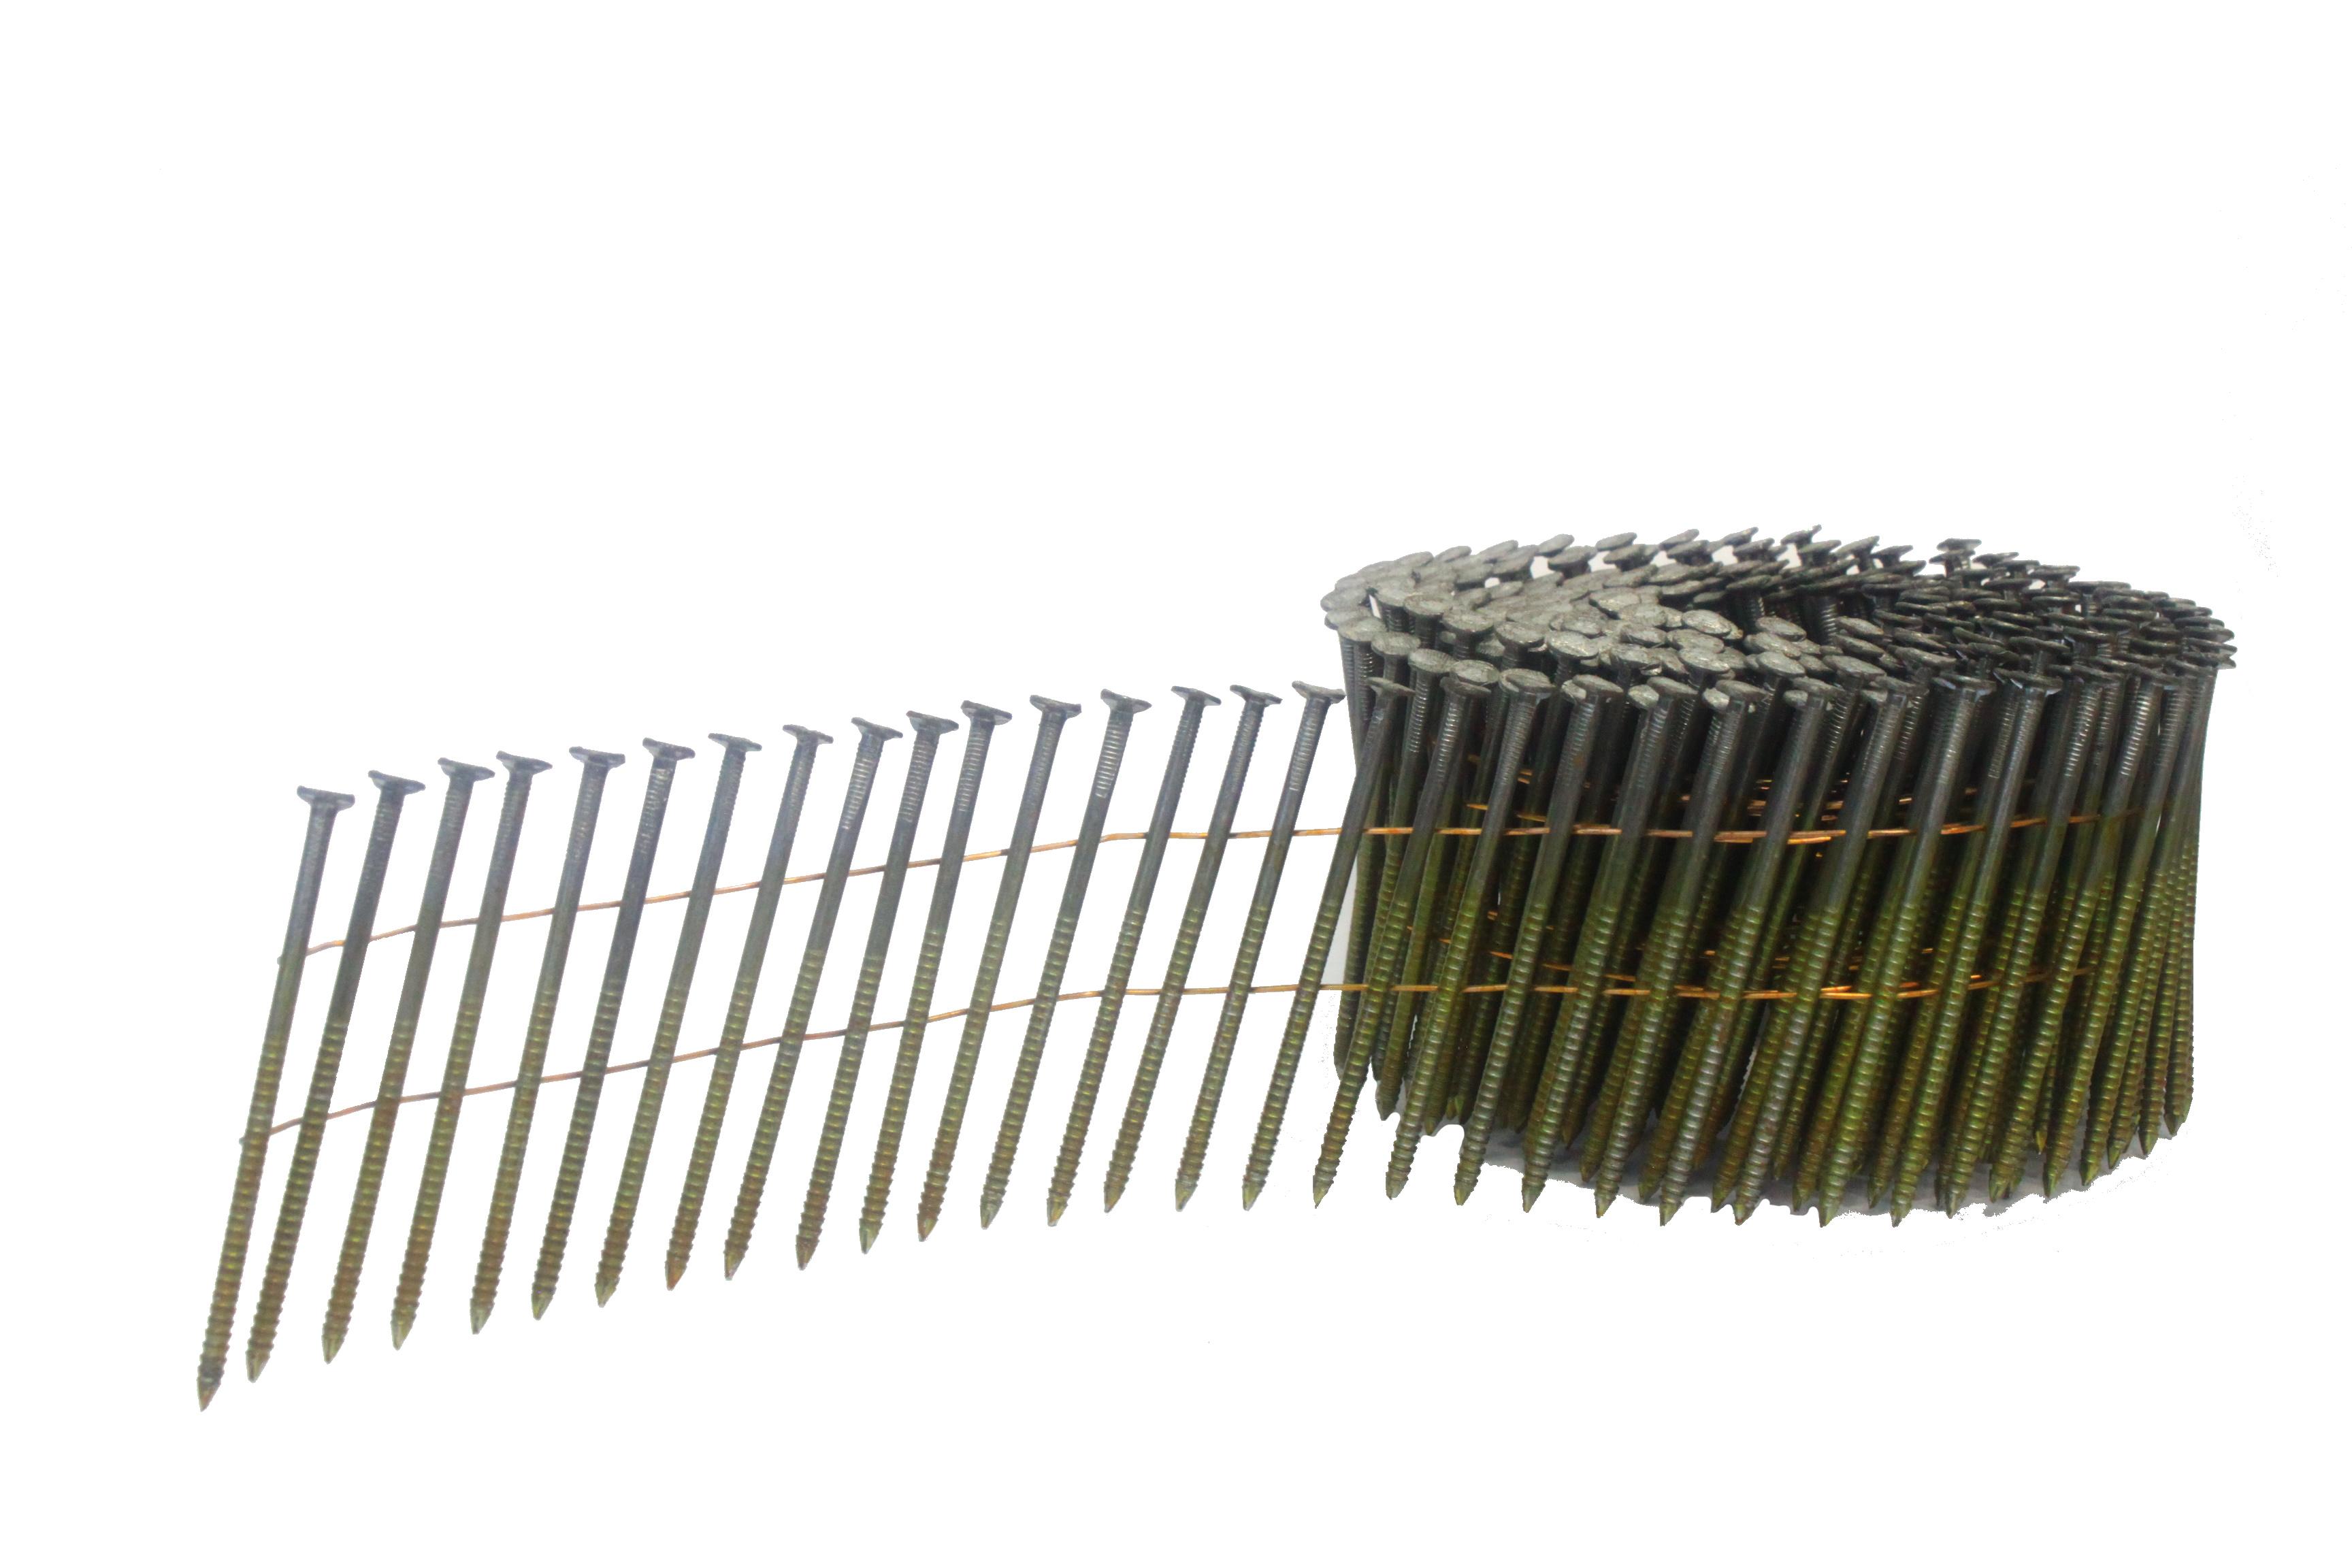 Nägel für Druckluftgeräte